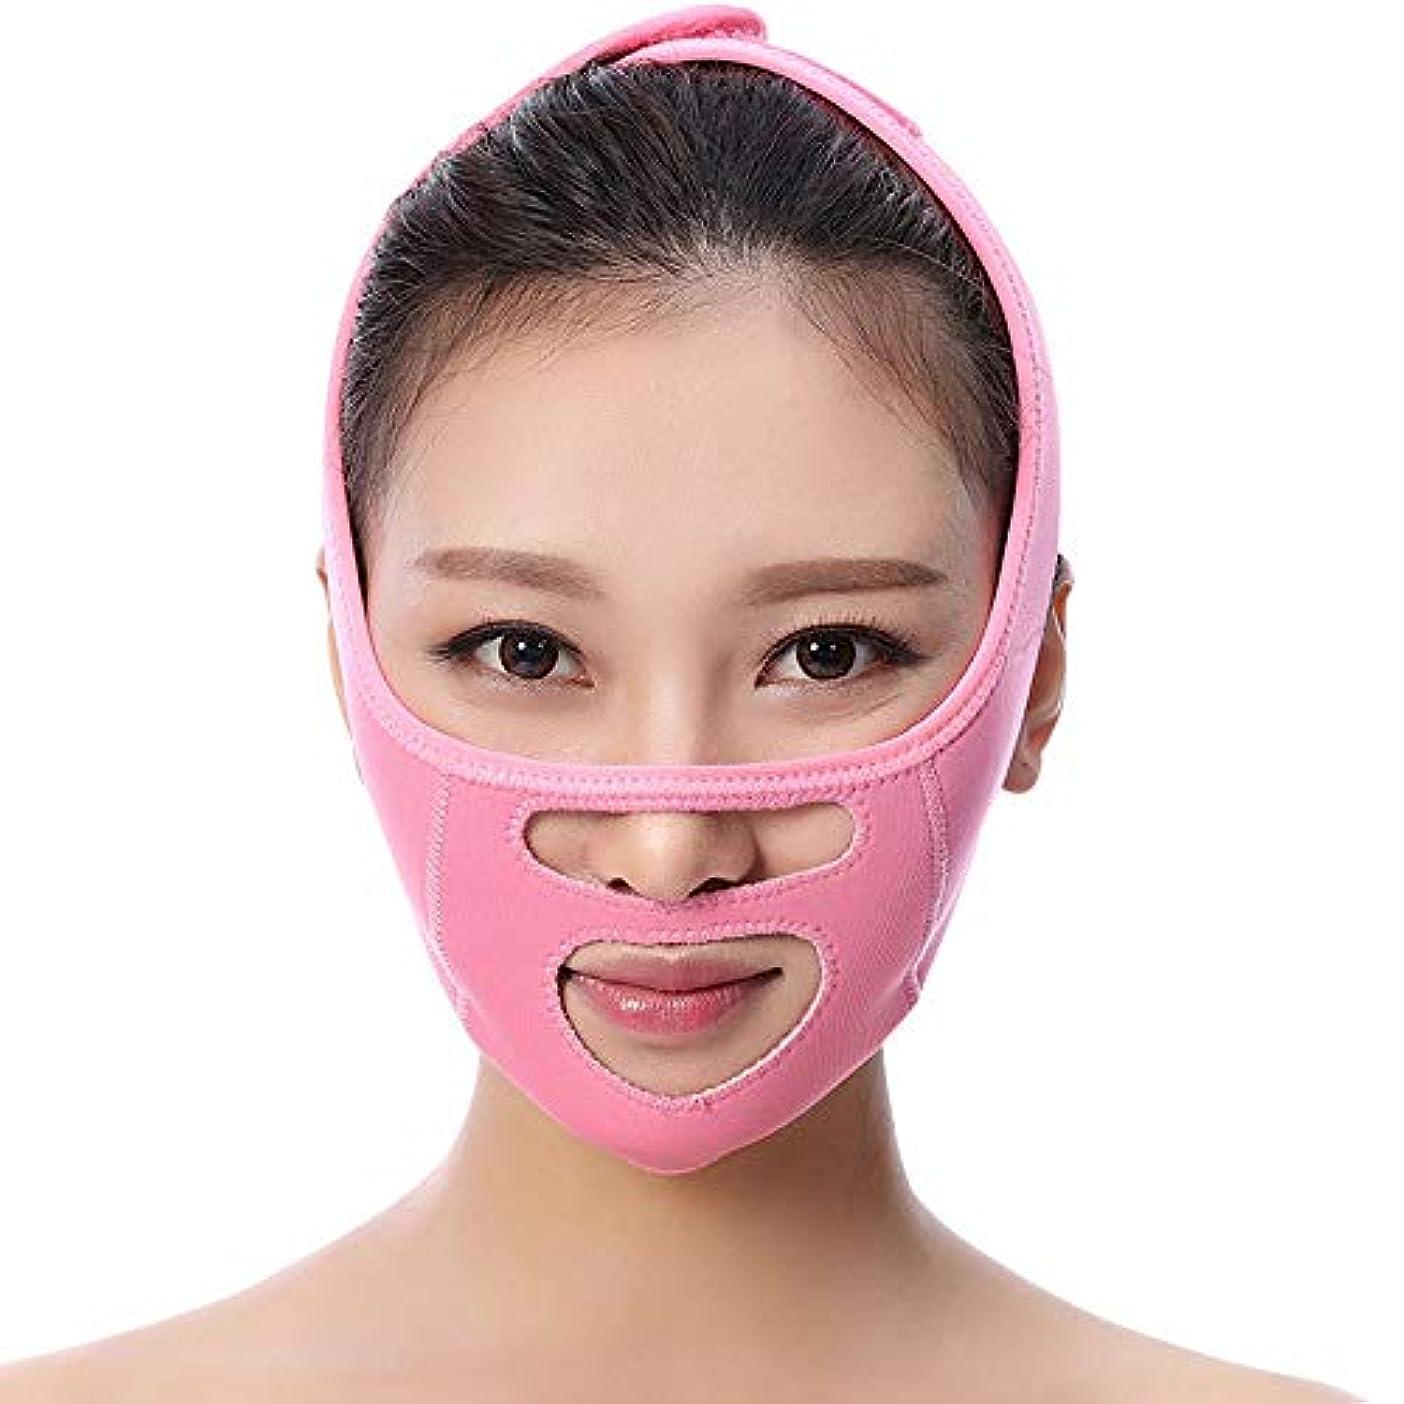 移住する疾患より良いフェイスリフトマスク、薄型フェイスベルトを眠らせる/フェイスフェイスリフトアーチファクト(ブルー/ピンク)を令状にするために美容フェイスリフト包帯を強化,Pink